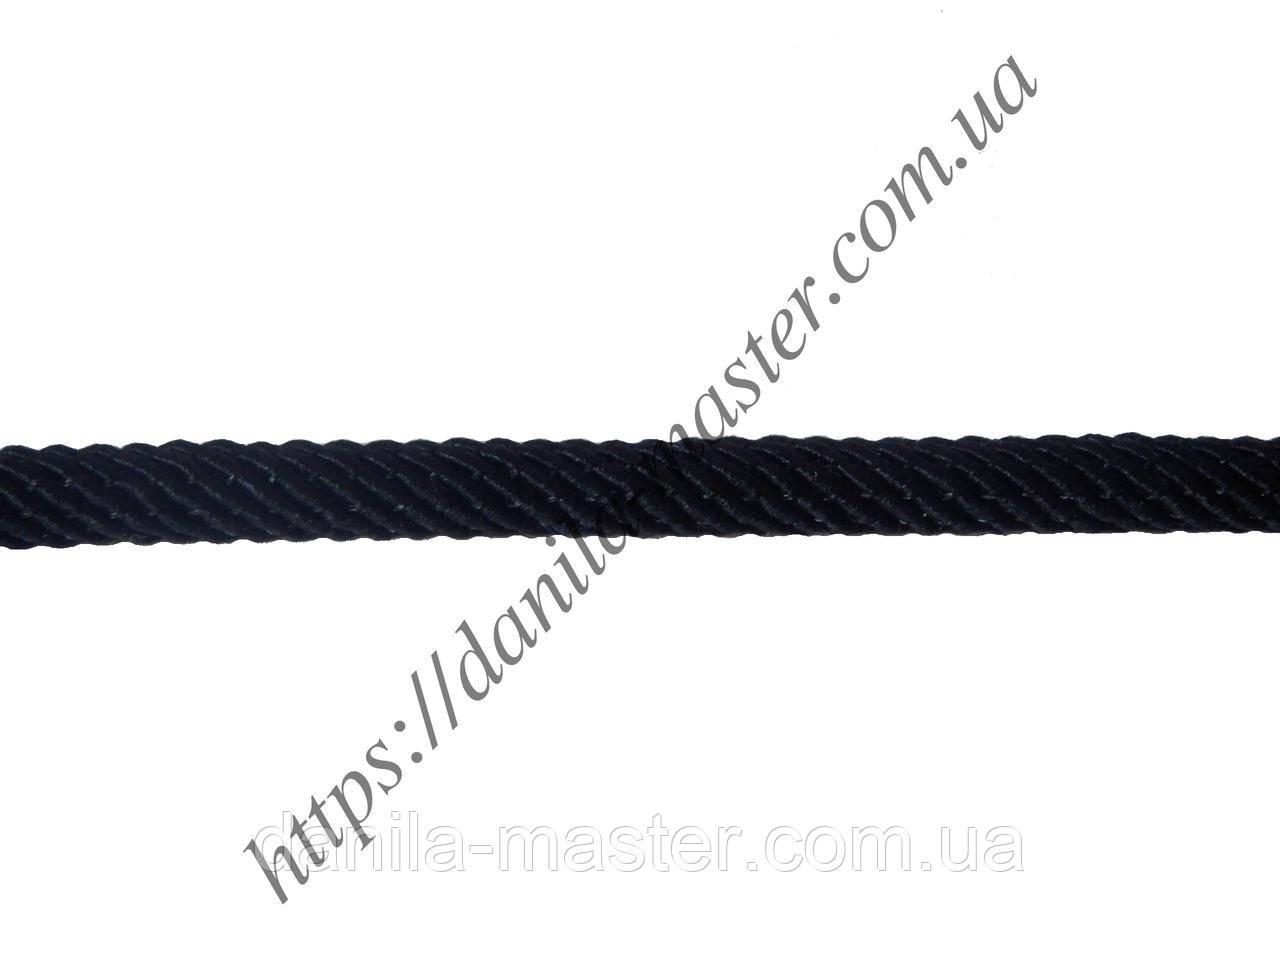 Шнур нейлоново-шовковий чорний плетений Milan 221 (d=2,5 мм)